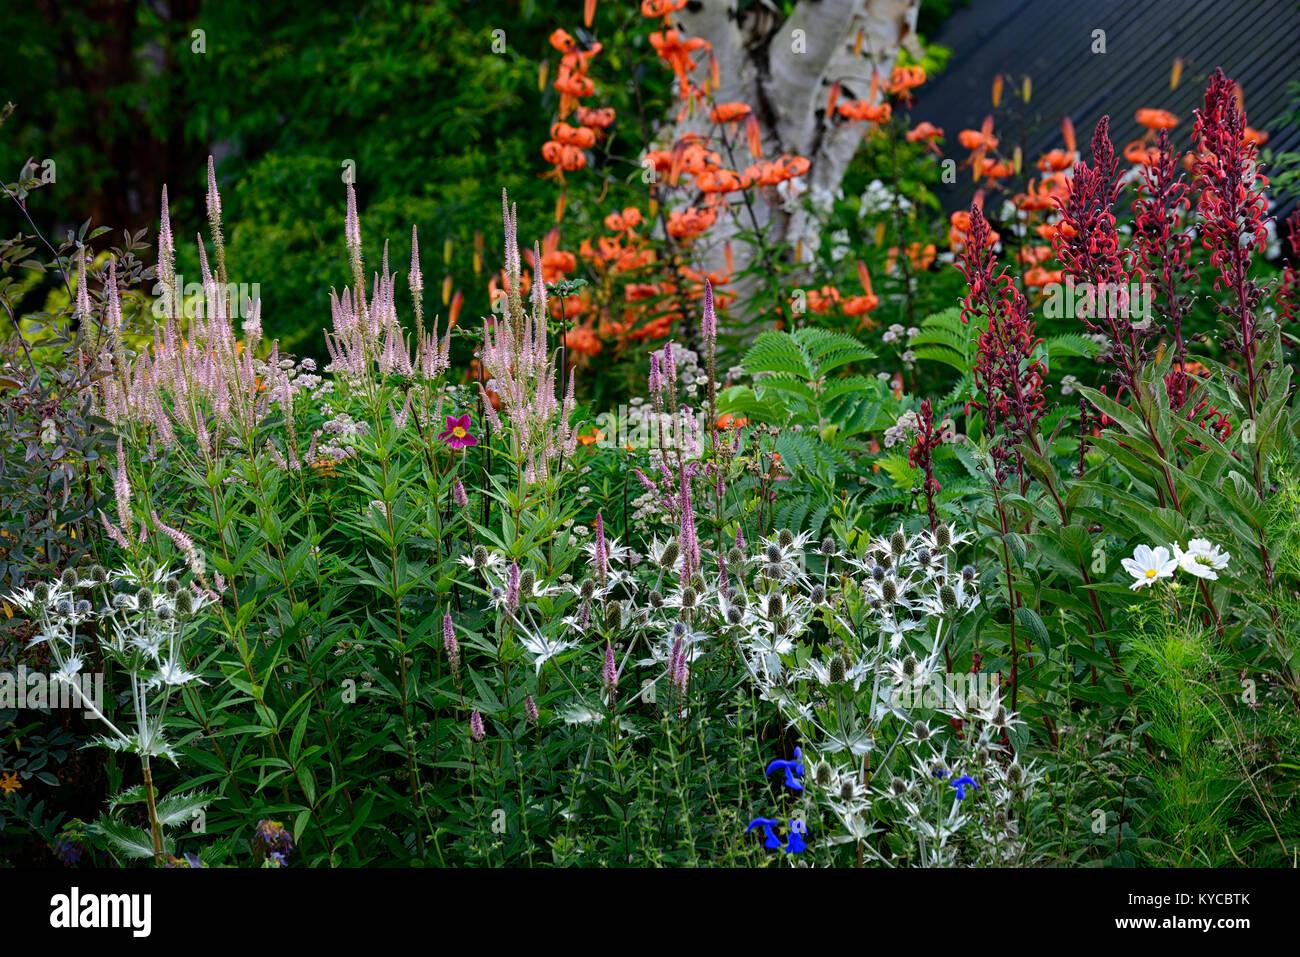 veronicastrum virginicum,lobelia tupa,Eryngium giganteum Miss Willmott's Ghost,silver,pink,red,flower,flowers,spire,spires,spike,spikes,garden,gardens - Stock Image